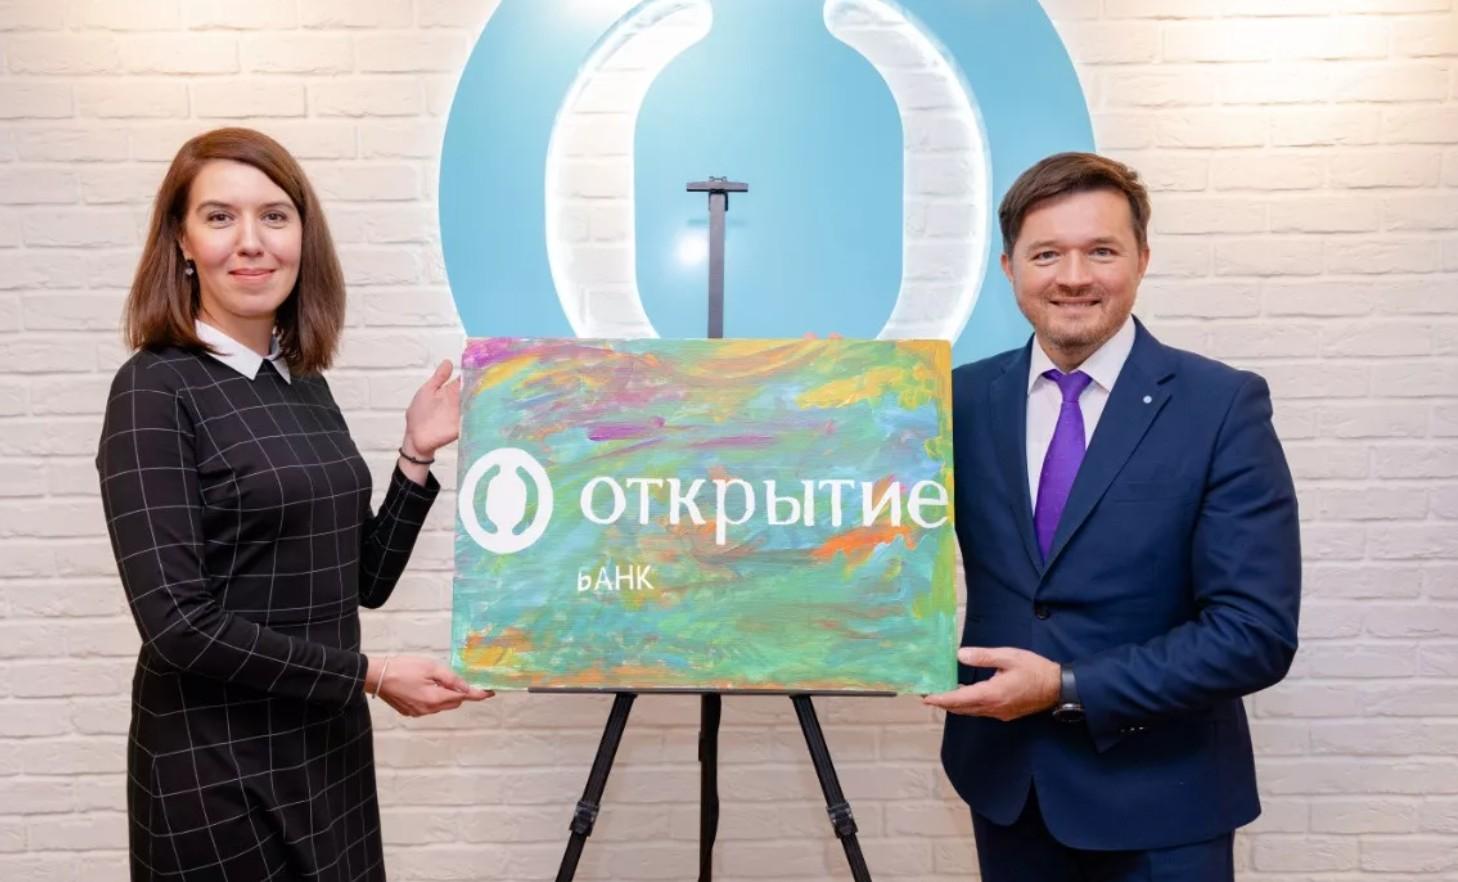 Отделение банка Открытие в городе Волжский по улице Мира дом 74А